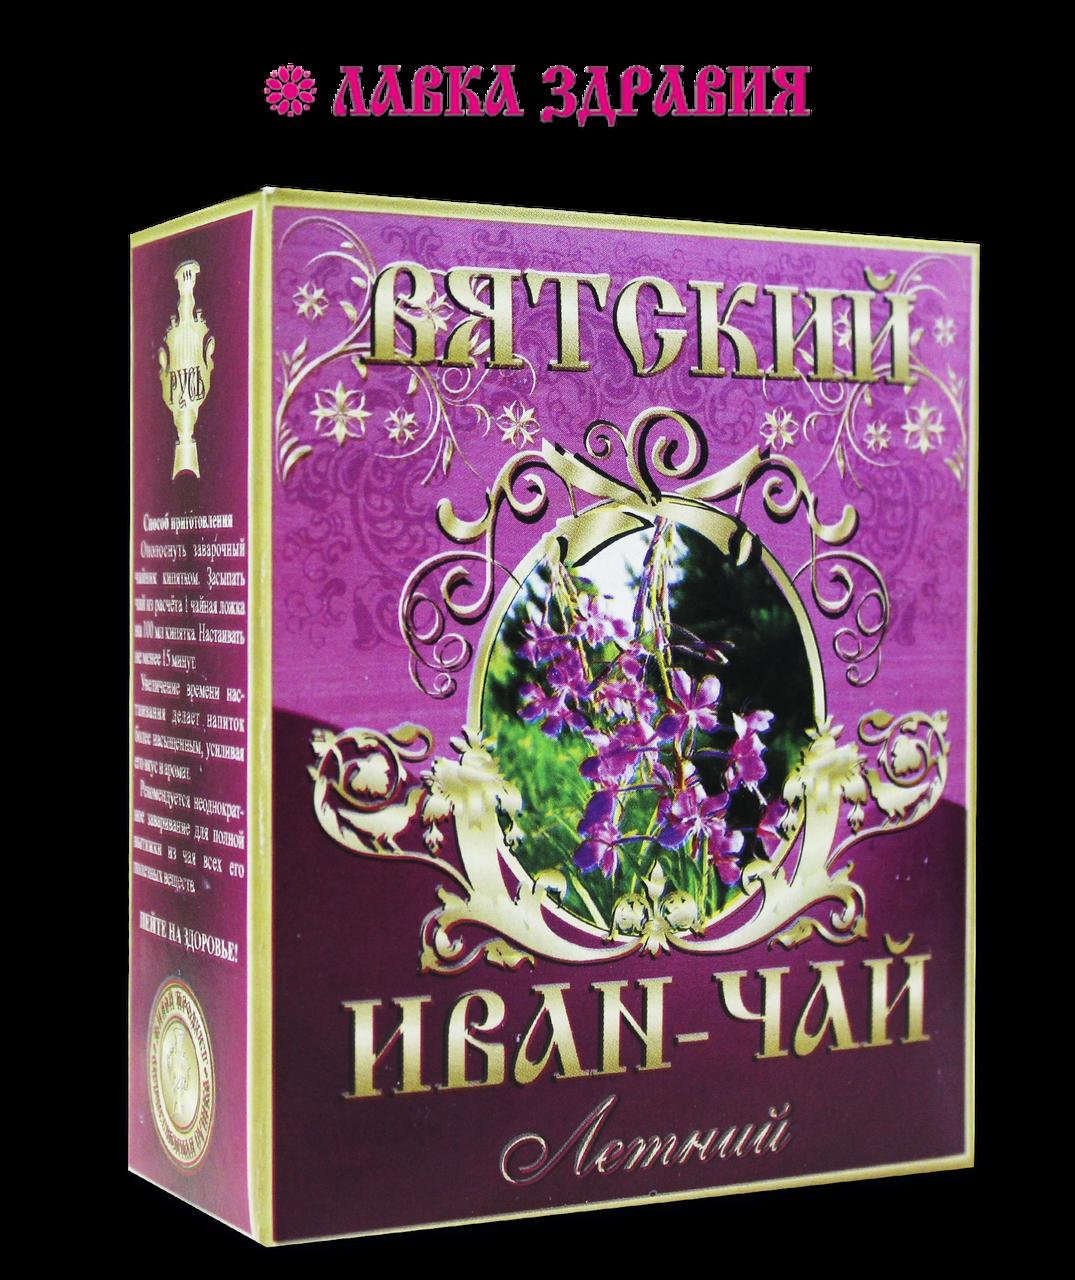 Иван-чай ферментированный Вятский летний, 100 г